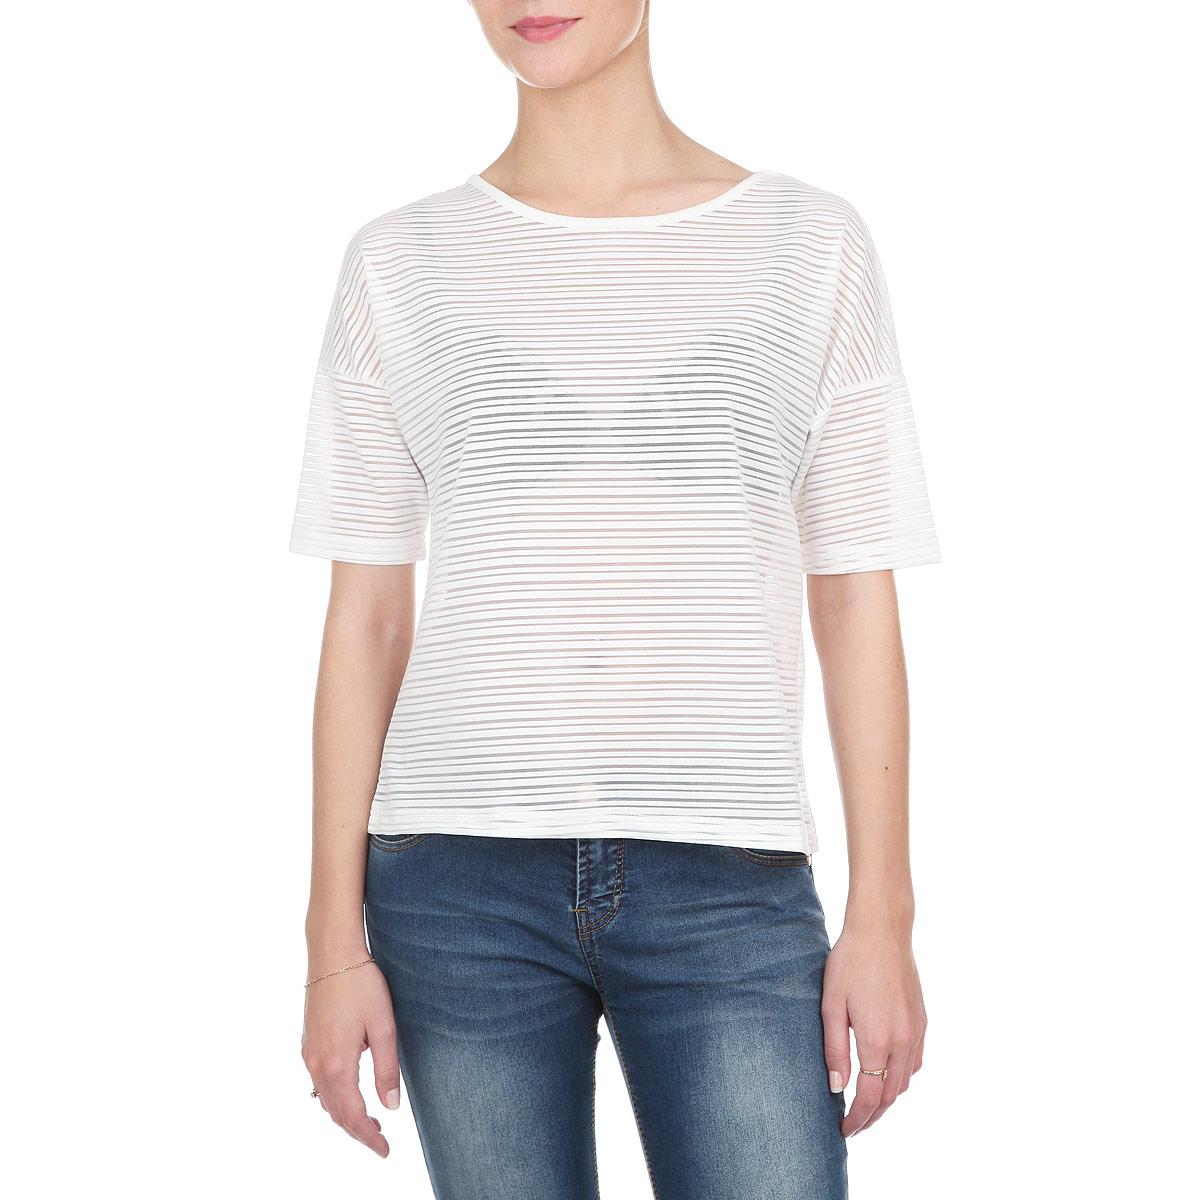 Футболка10152354 001Стильная женская футболка Broadway свободного кроя выполнена из полупрозрачного эластичного материала. Модель с круглым вырезом горловины и короткими рукавами со спущенной линией плеча. Эта футболка - идеальный вариант для создания образа в стиле Casual. Она позволит вам создать множество интересных комбинаций и подчеркнет ваш безупречный вкус.